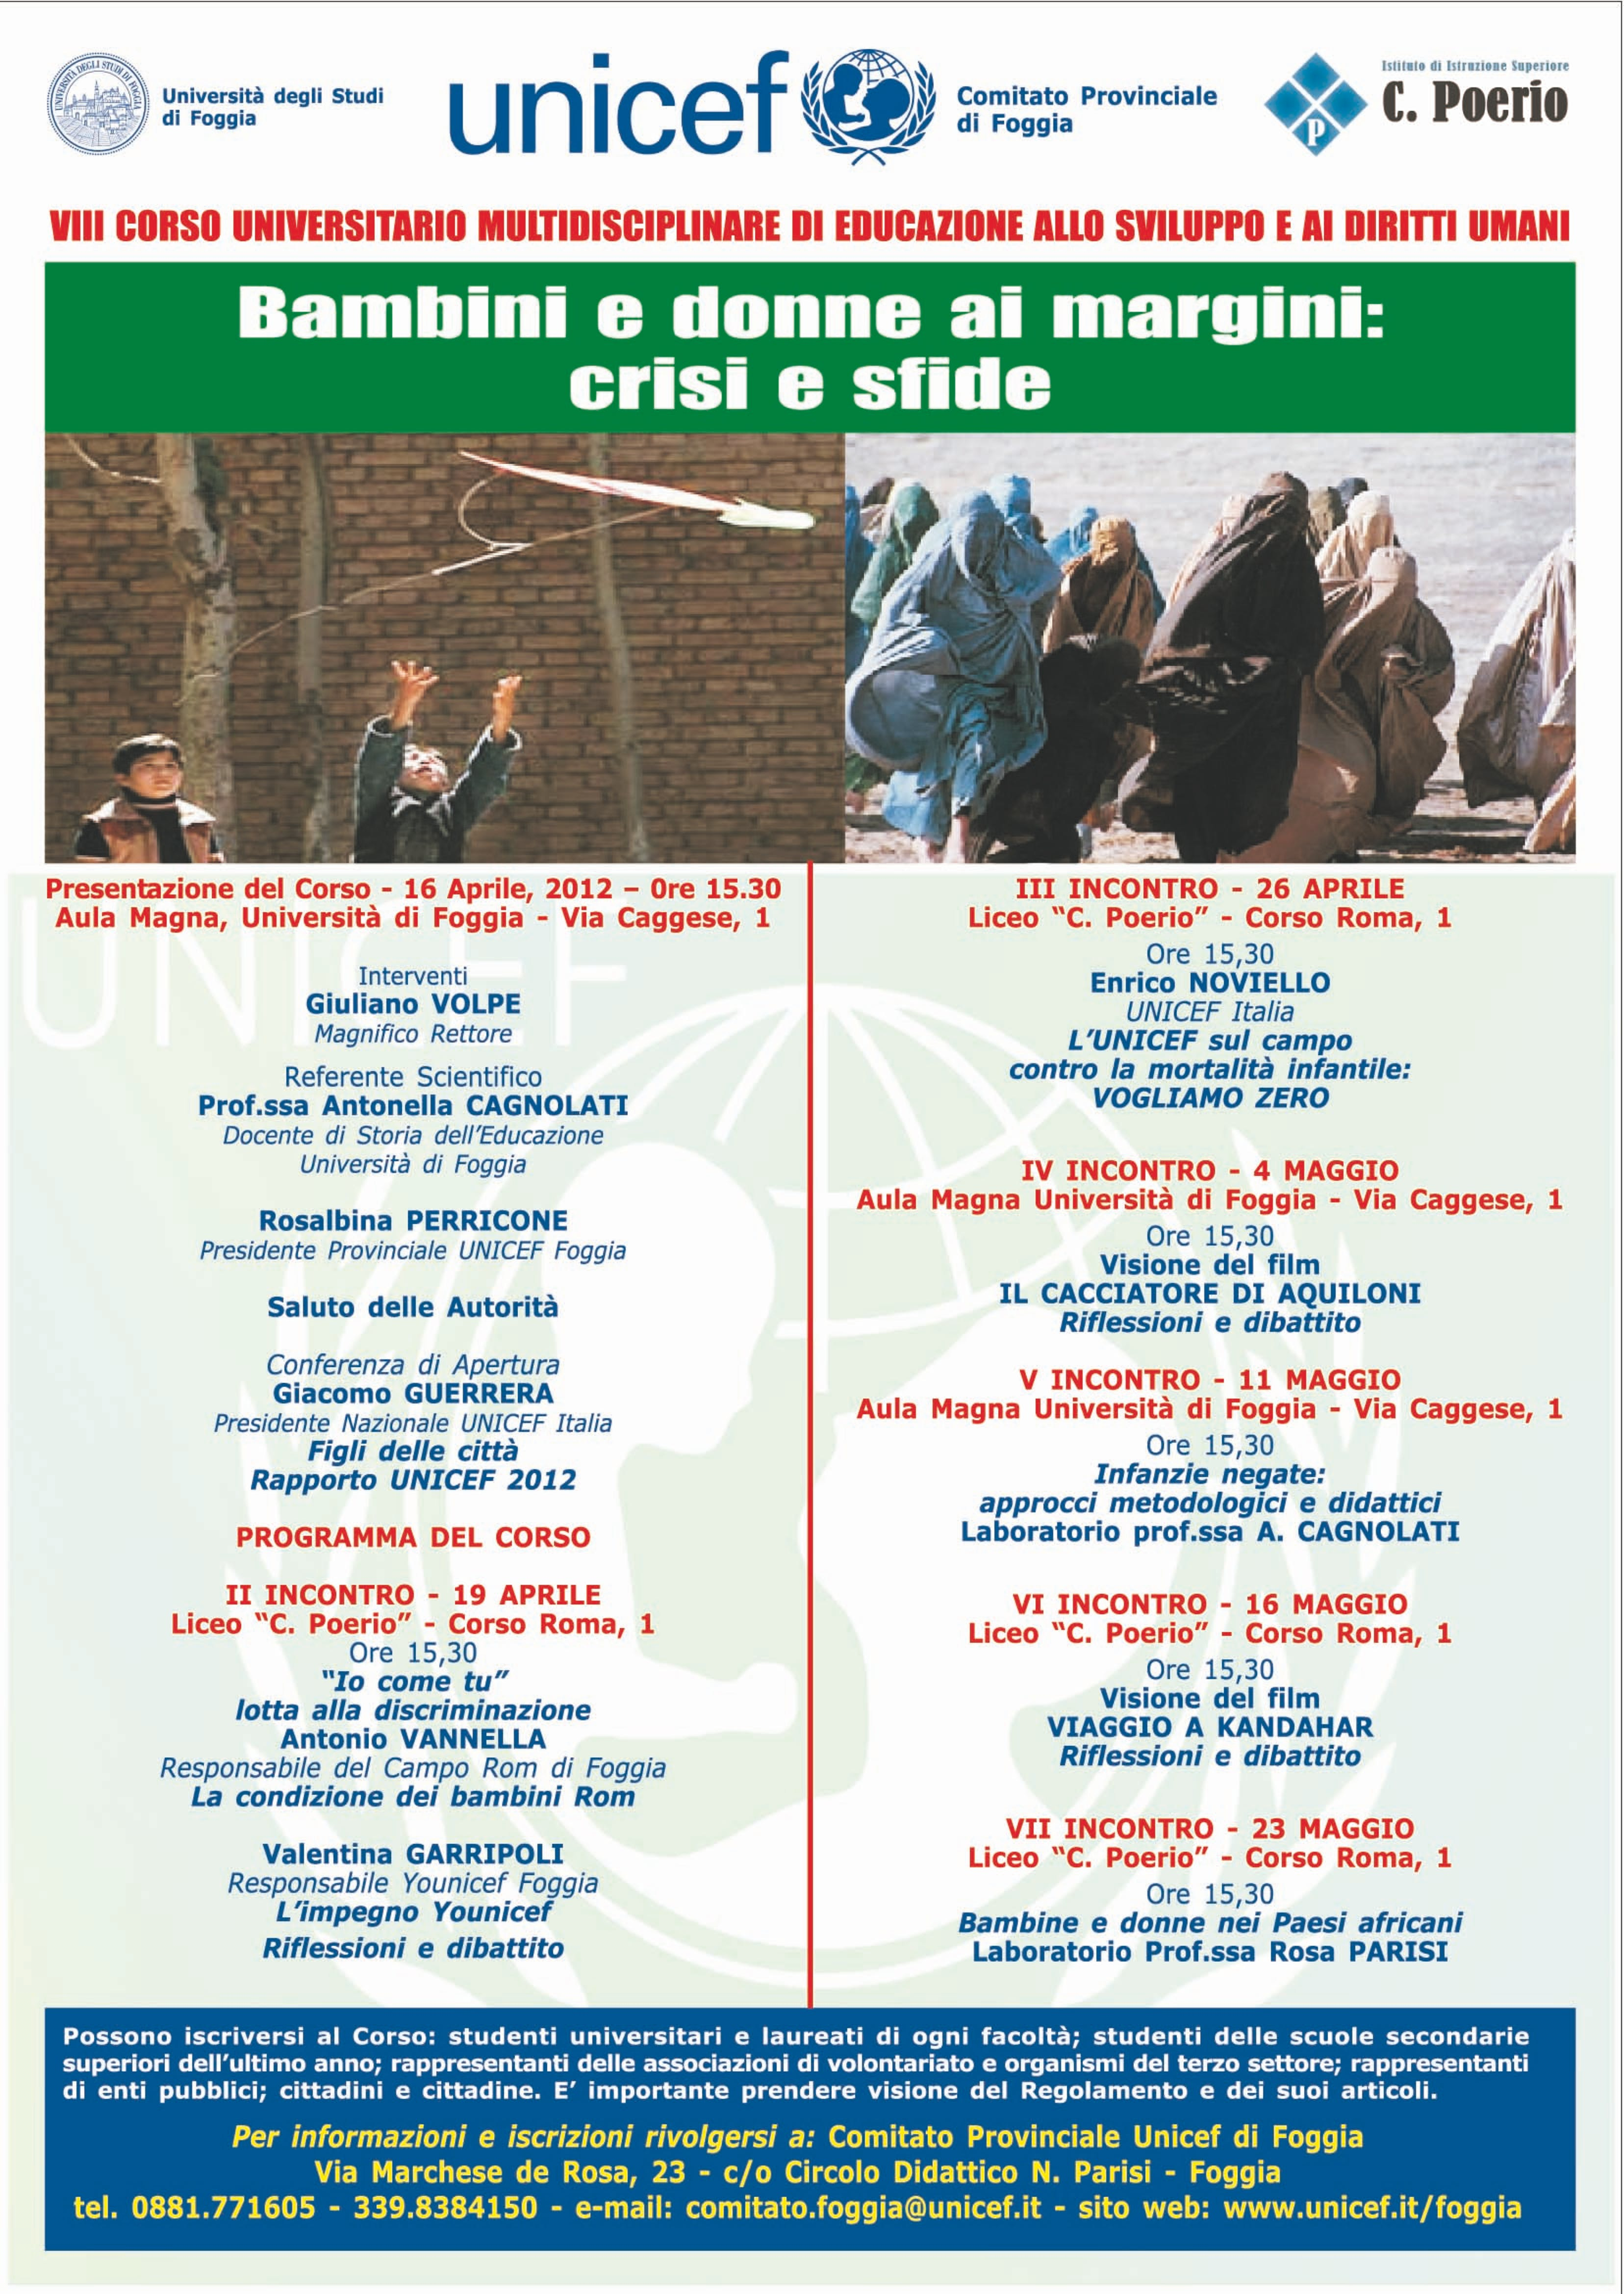 Al via il corso UNICEF 2012 all'Università di Foggia